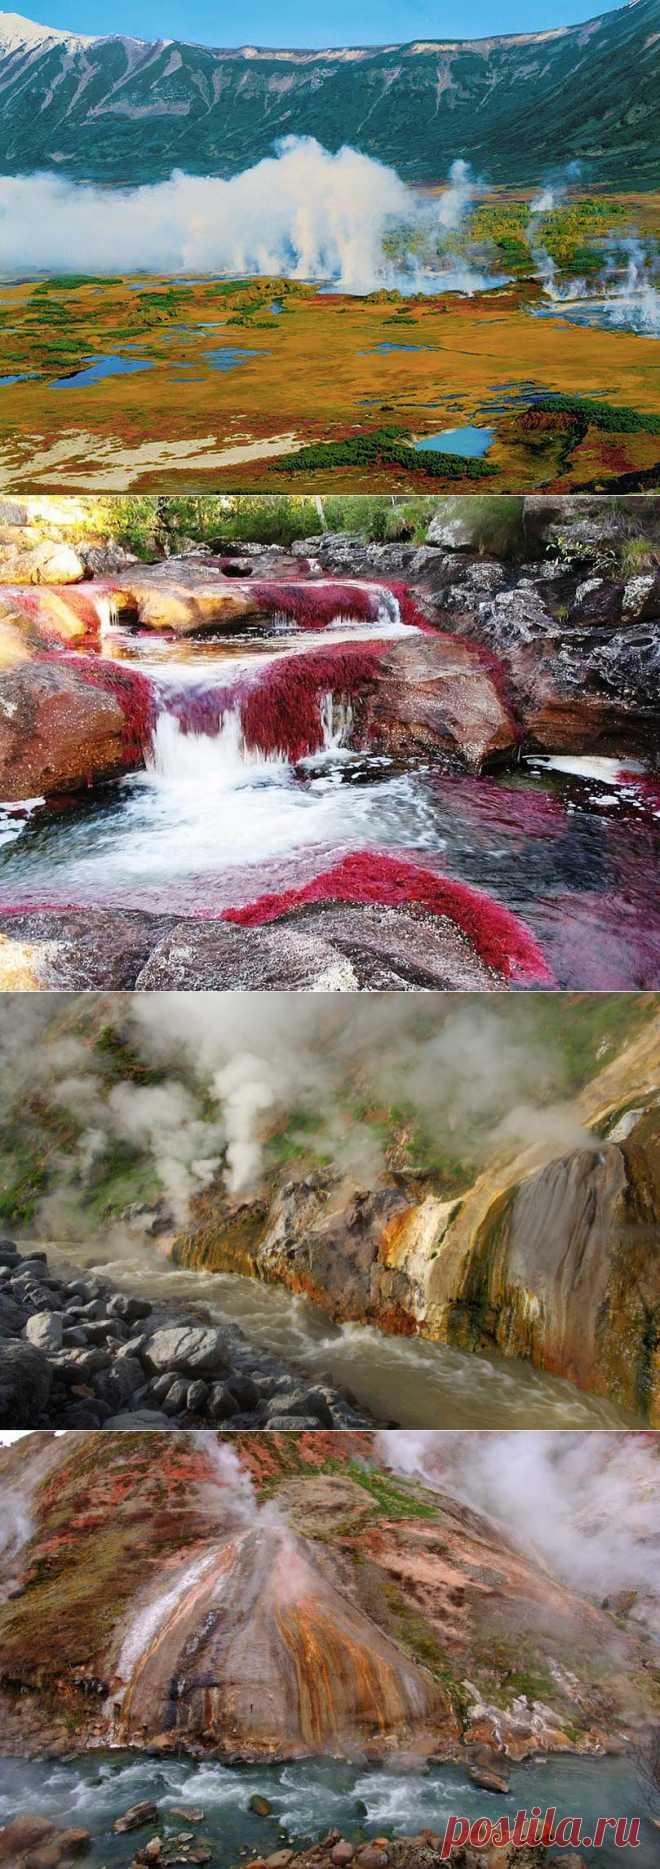 Чудо природы — река Гейзерная : НОВОСТИ В ФОТОГРАФИЯХ